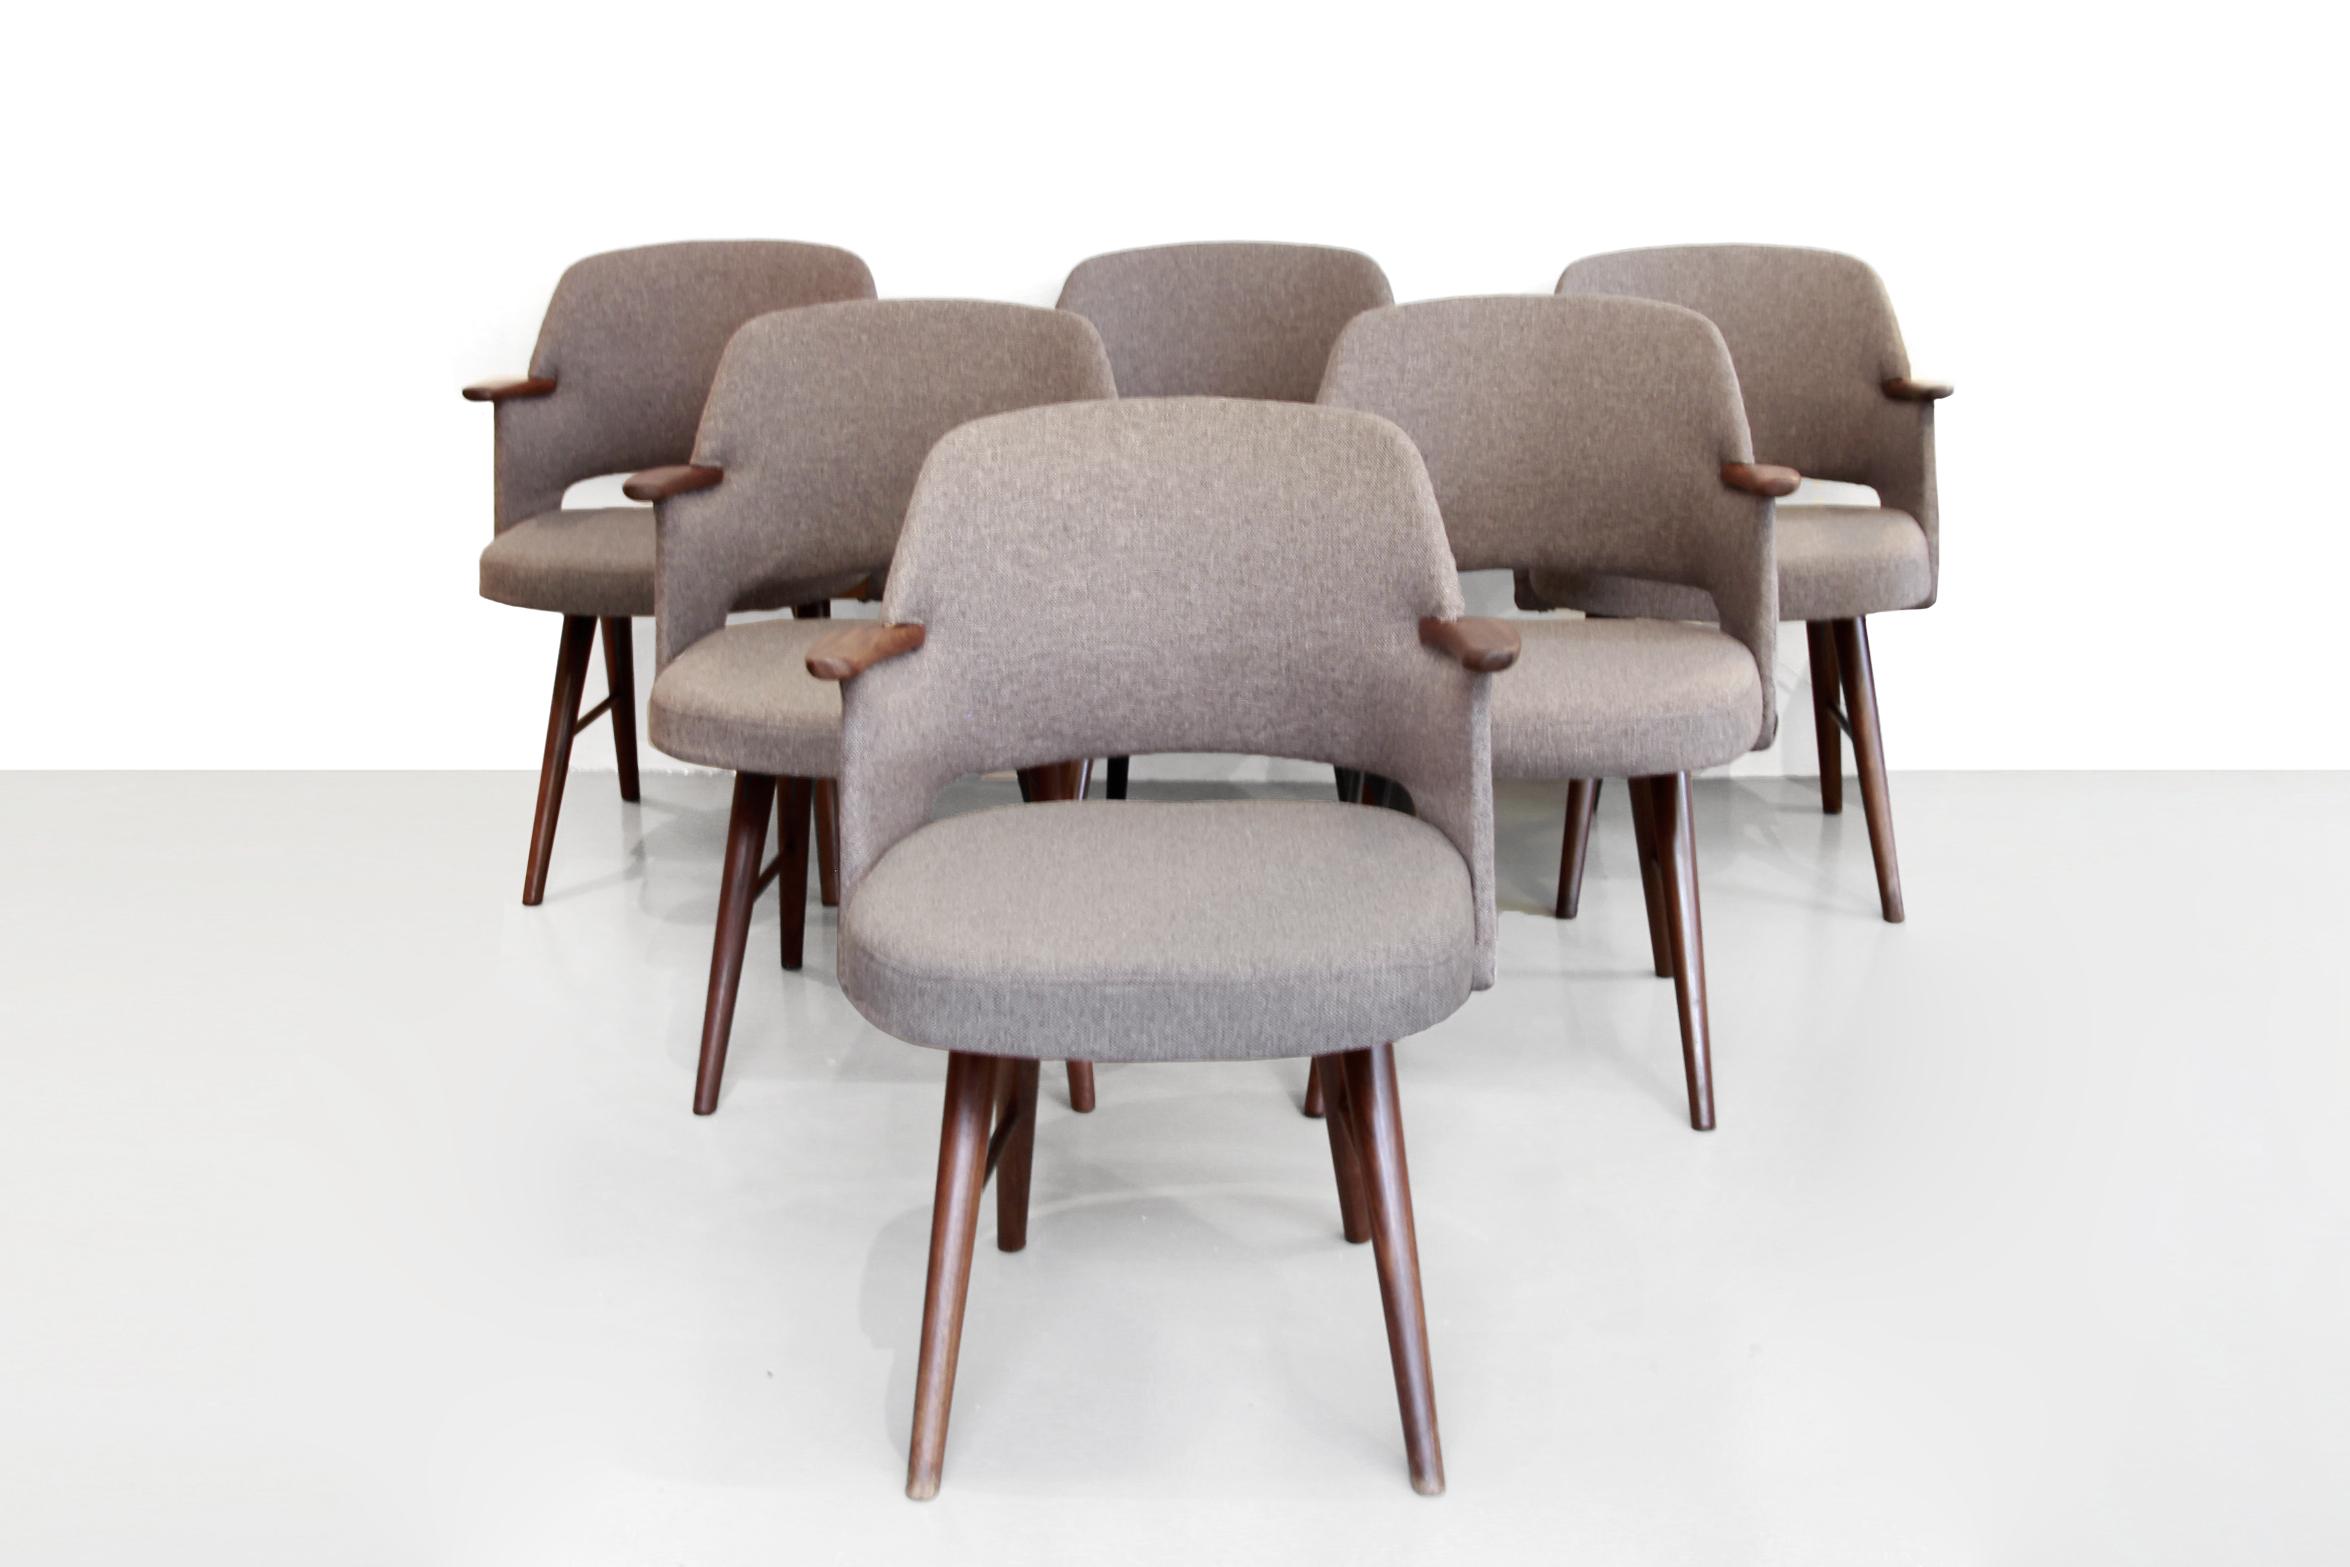 Design Pastoe Stoelen : Set van cees braakman ft eetkamerstoelen voor pastoe